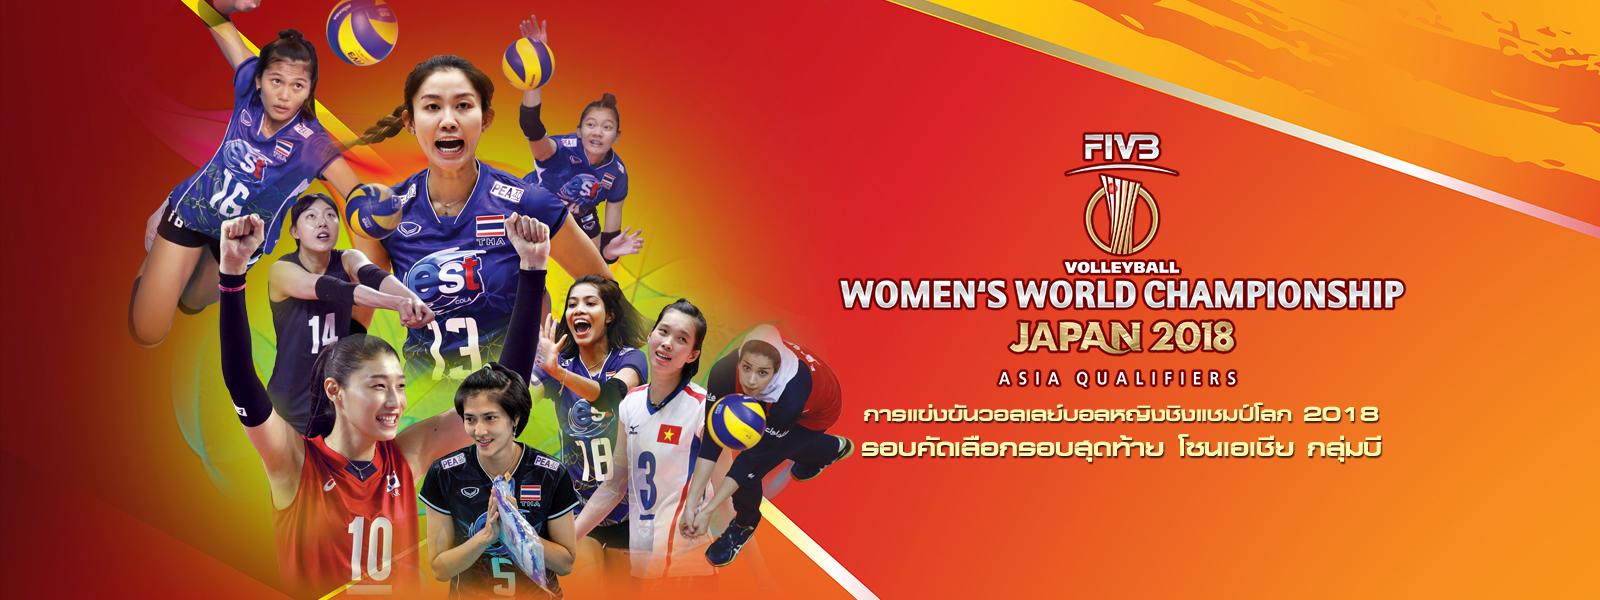 AD-VolleyballWomenWorldChampionship20181